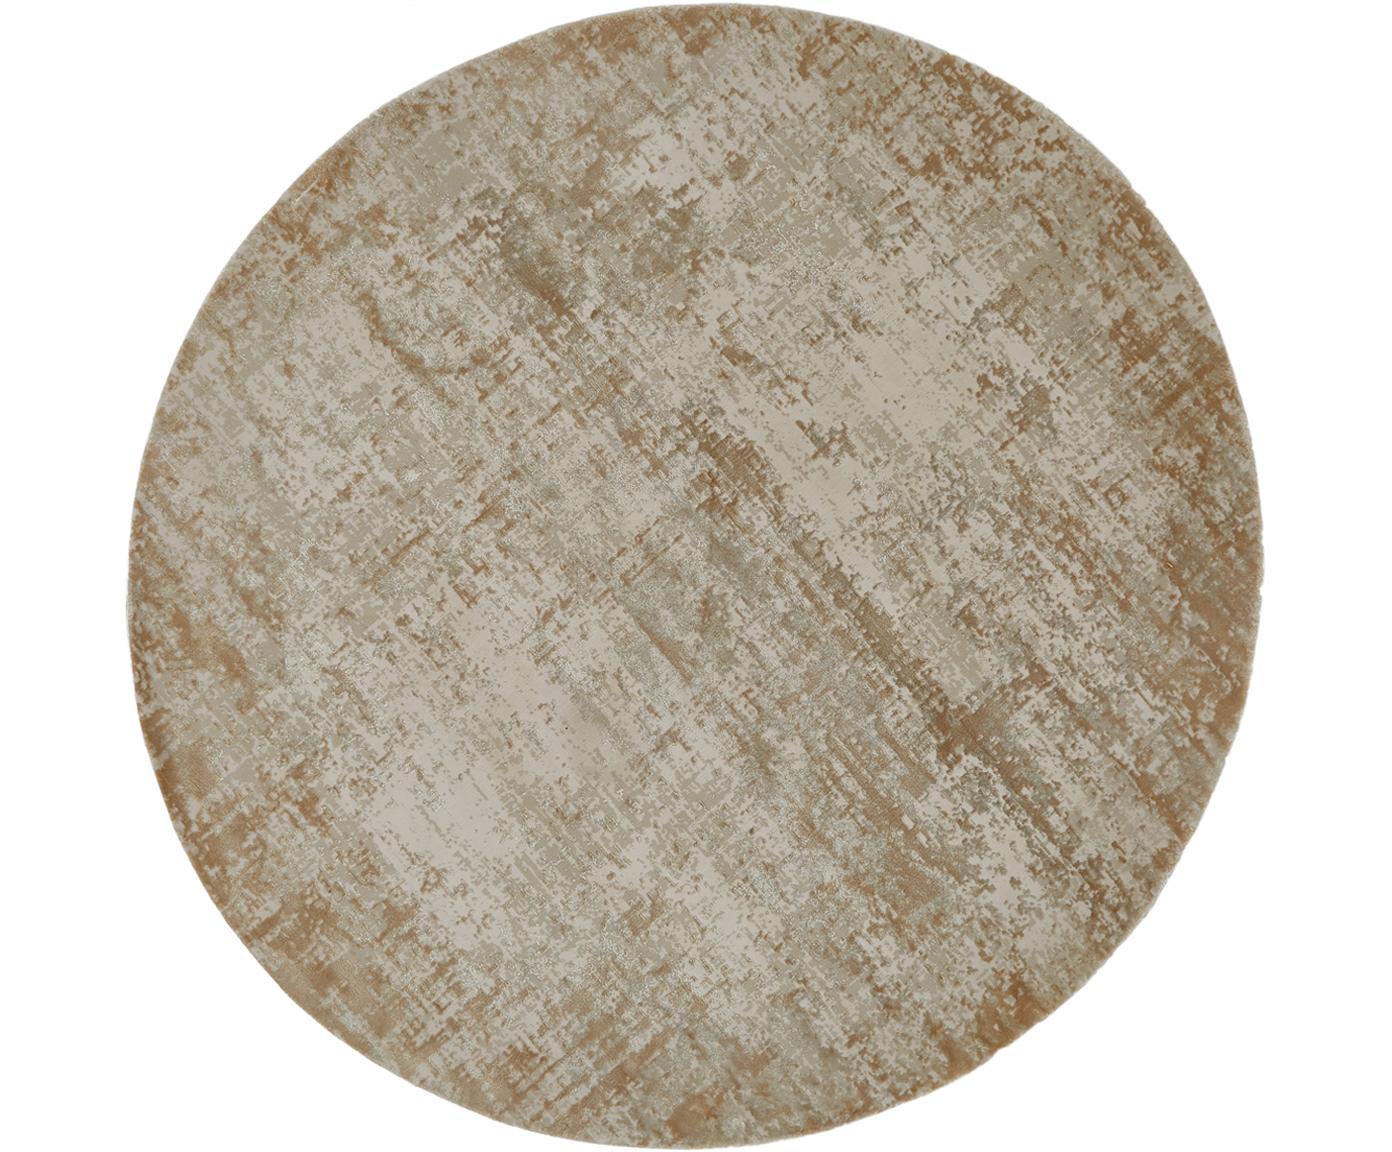 Dywan Cordoba, Odcienie beżowego, ∅ 150 cm (Rozmiar M)